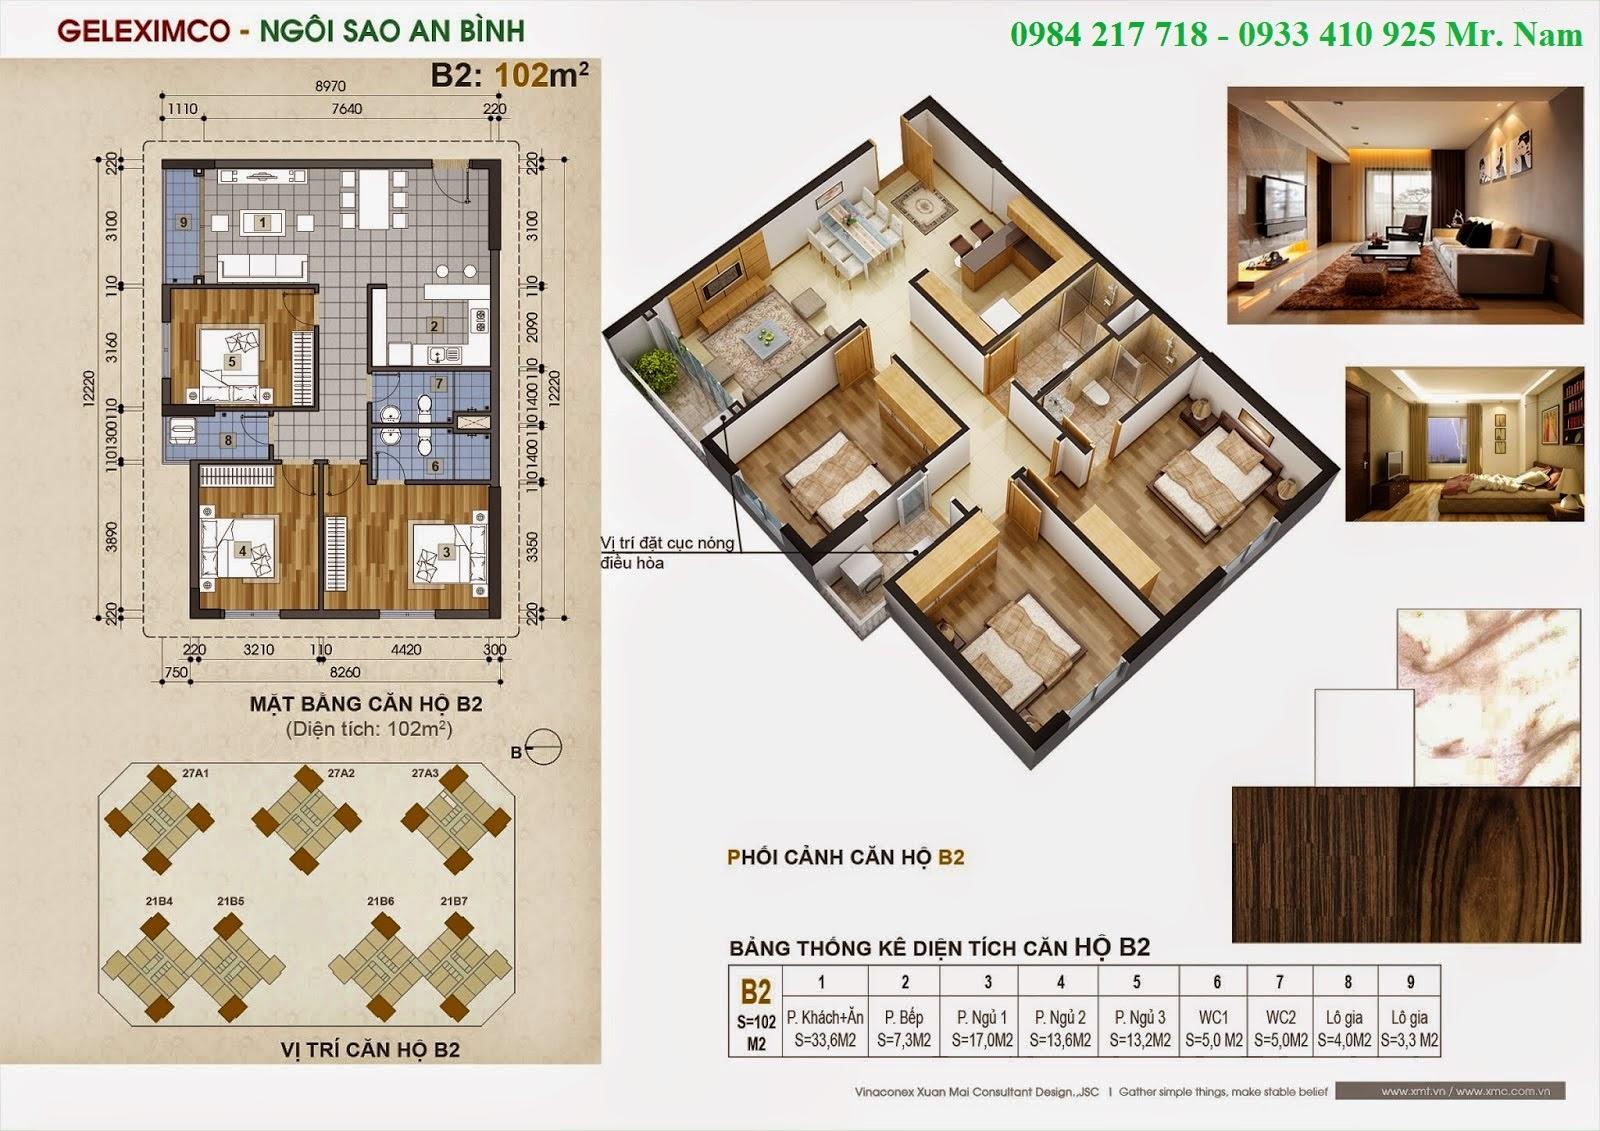 Thiết kế căn hộ B2 diện tích 102 m2 chung cư Green Stars